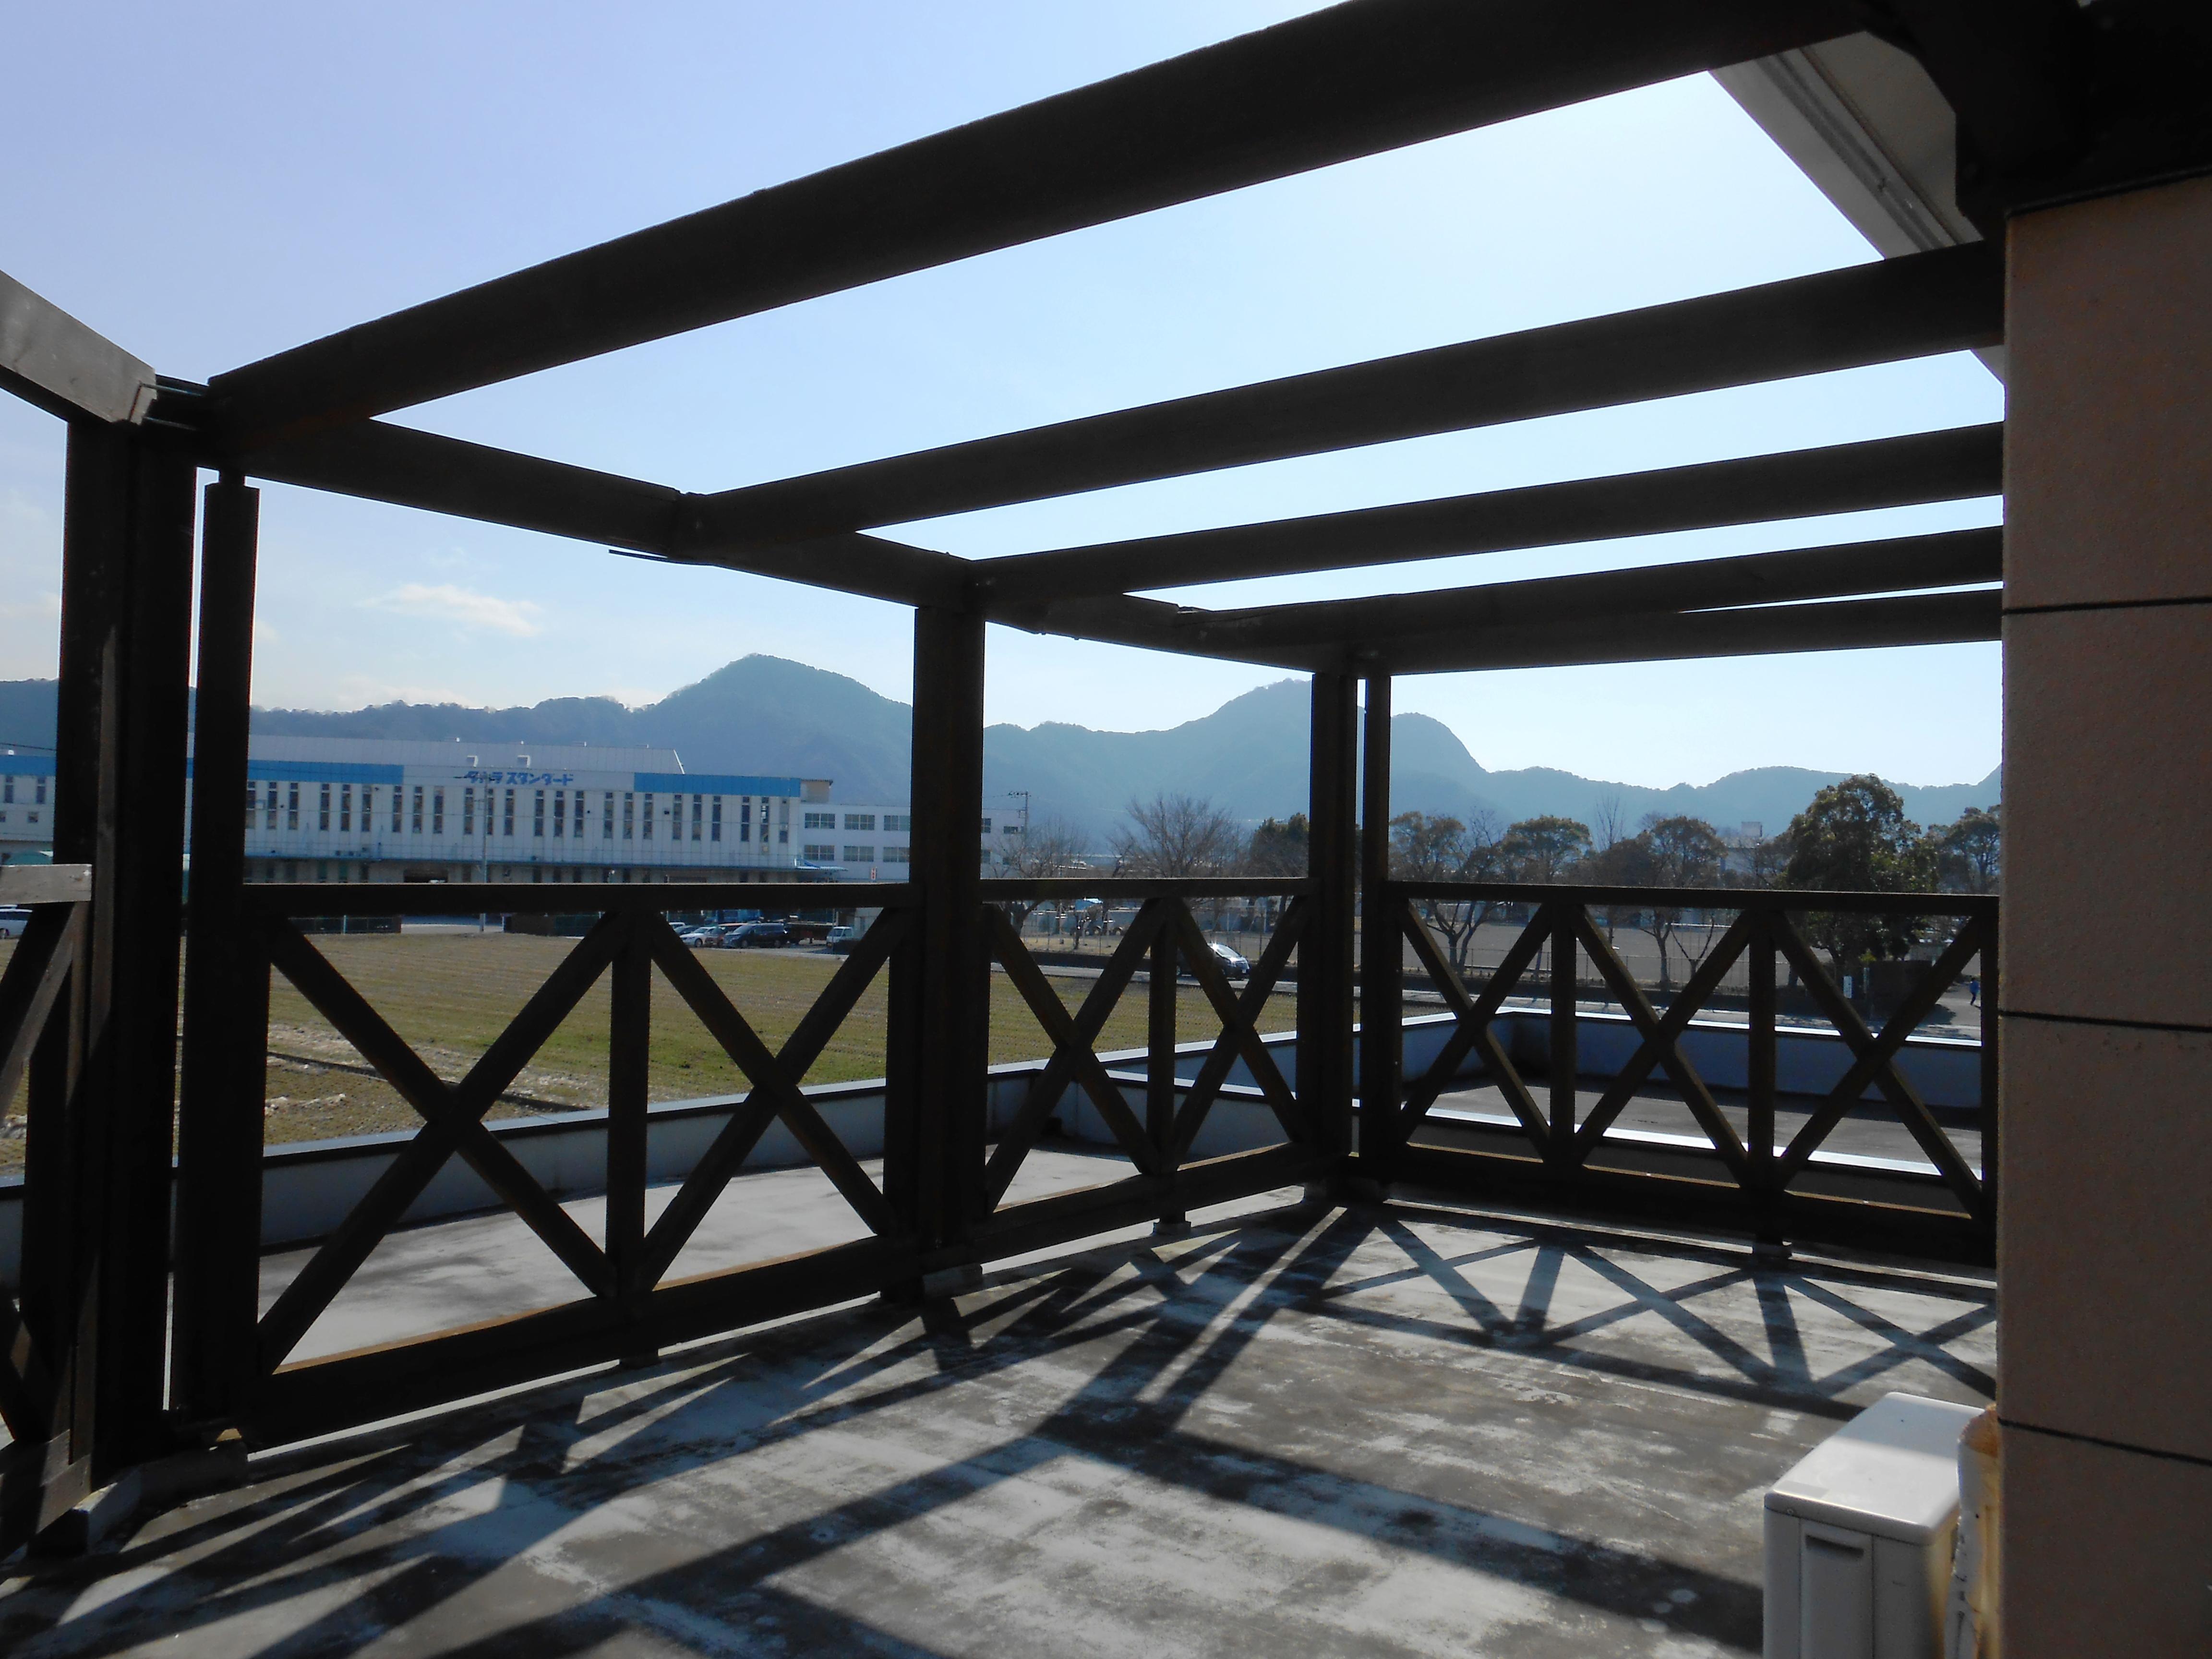 O様邸 木製フェンス解体アルミフェンス設置・屋上防水工事